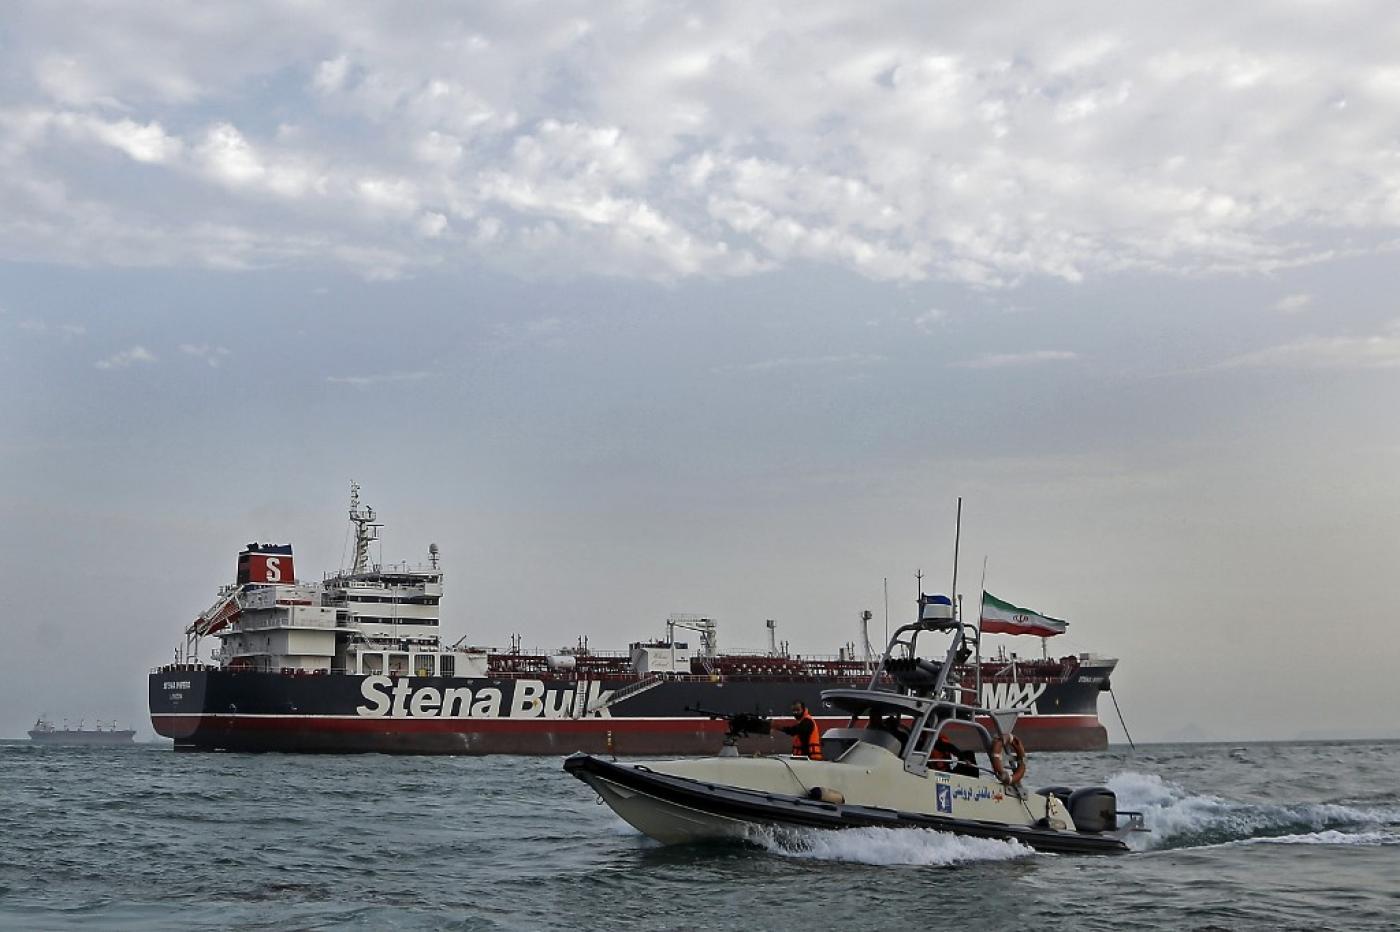 """الحرس الثوري الإيراني يقوم بدورية حول الناقلة التي ترفع علم المملكة المتحدة """"ستينا إمبيرو"""" التي ترسو قبالة ميناء بندر عباس الإيراني"""